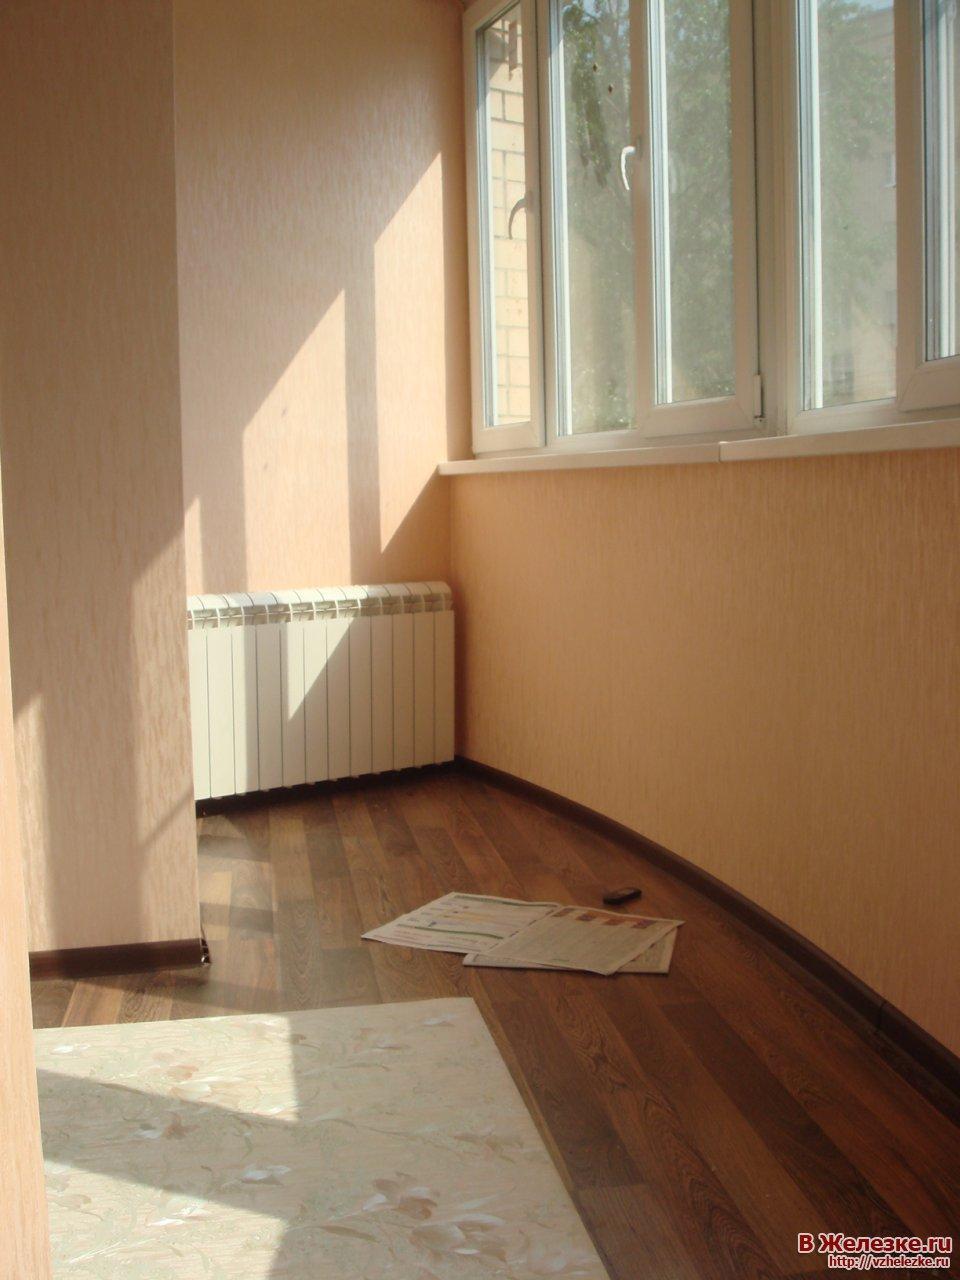 Железнодорожный: отделка балкона под ключ цена 0 р., объявле.